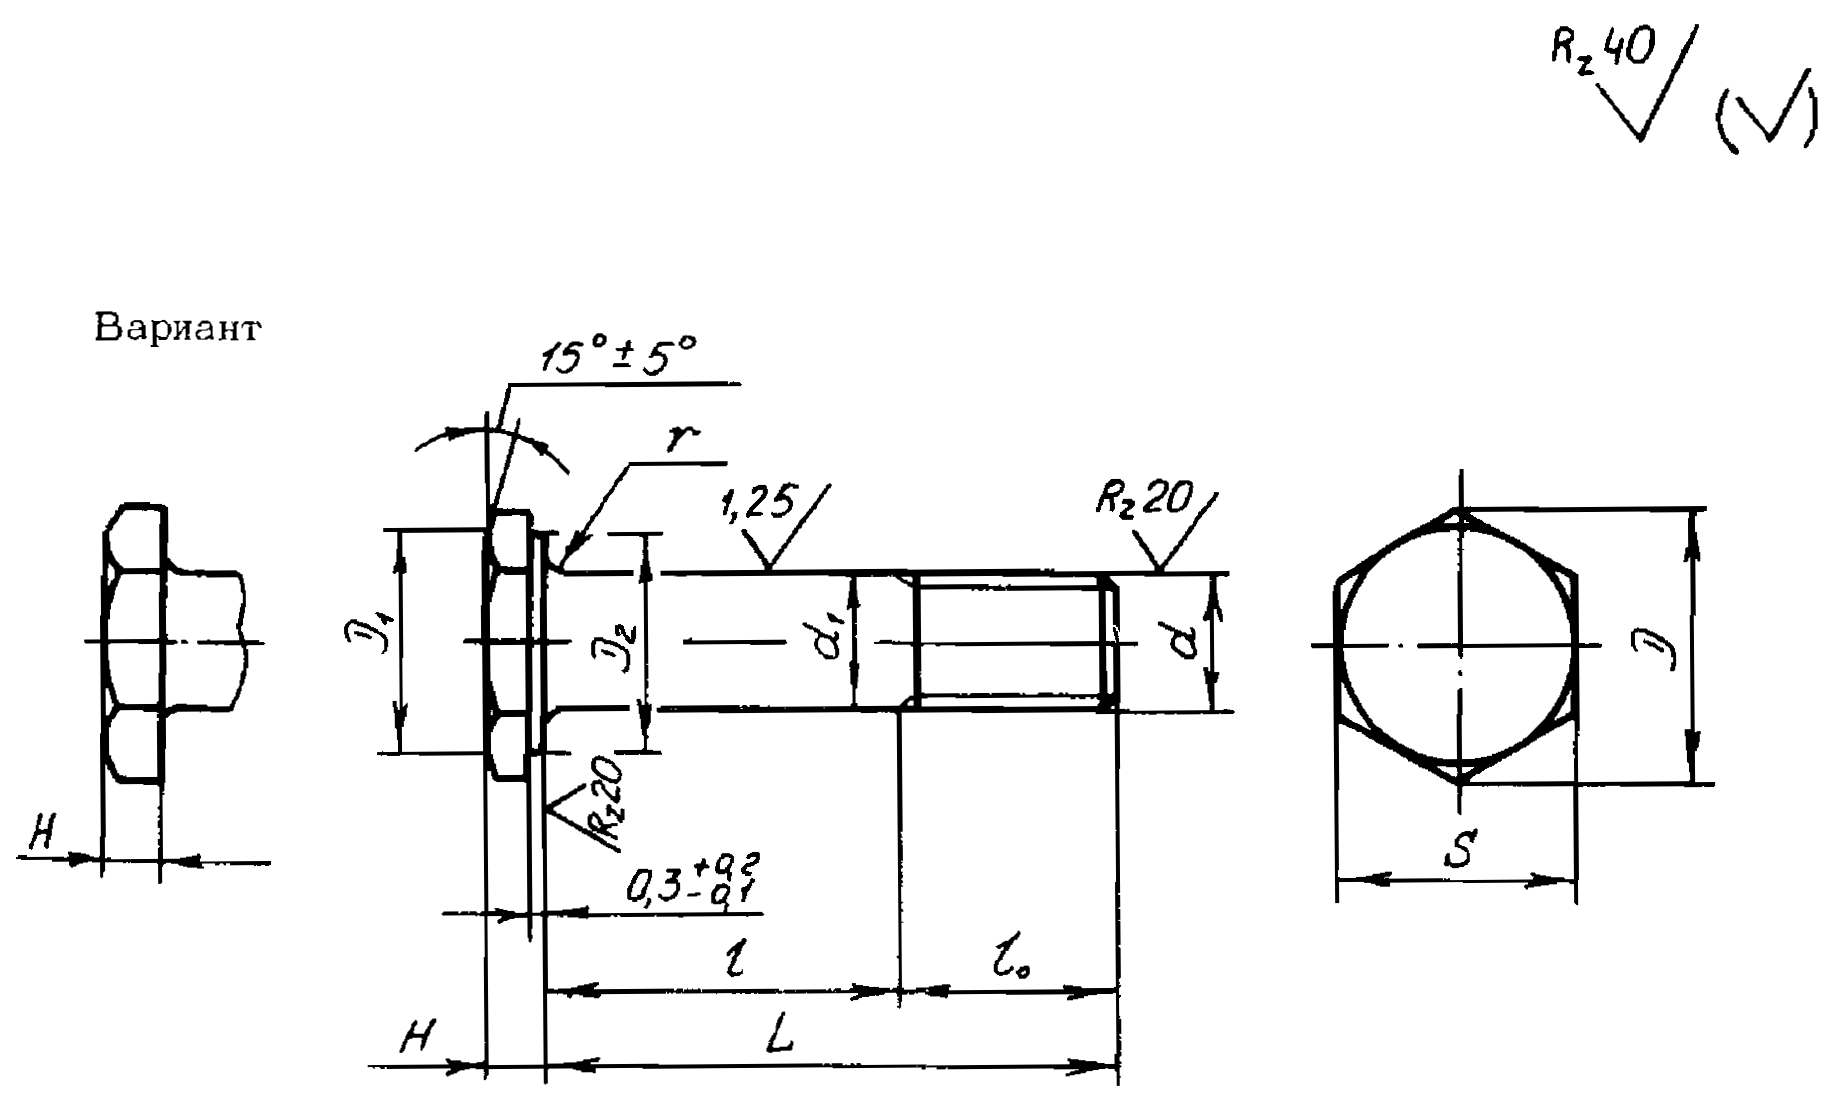 ОСТ 1 31138-80 Болты с уменьшенной шестигранной головкой c полем допуска диаметра стержня p6 и короткой резьбовой частью